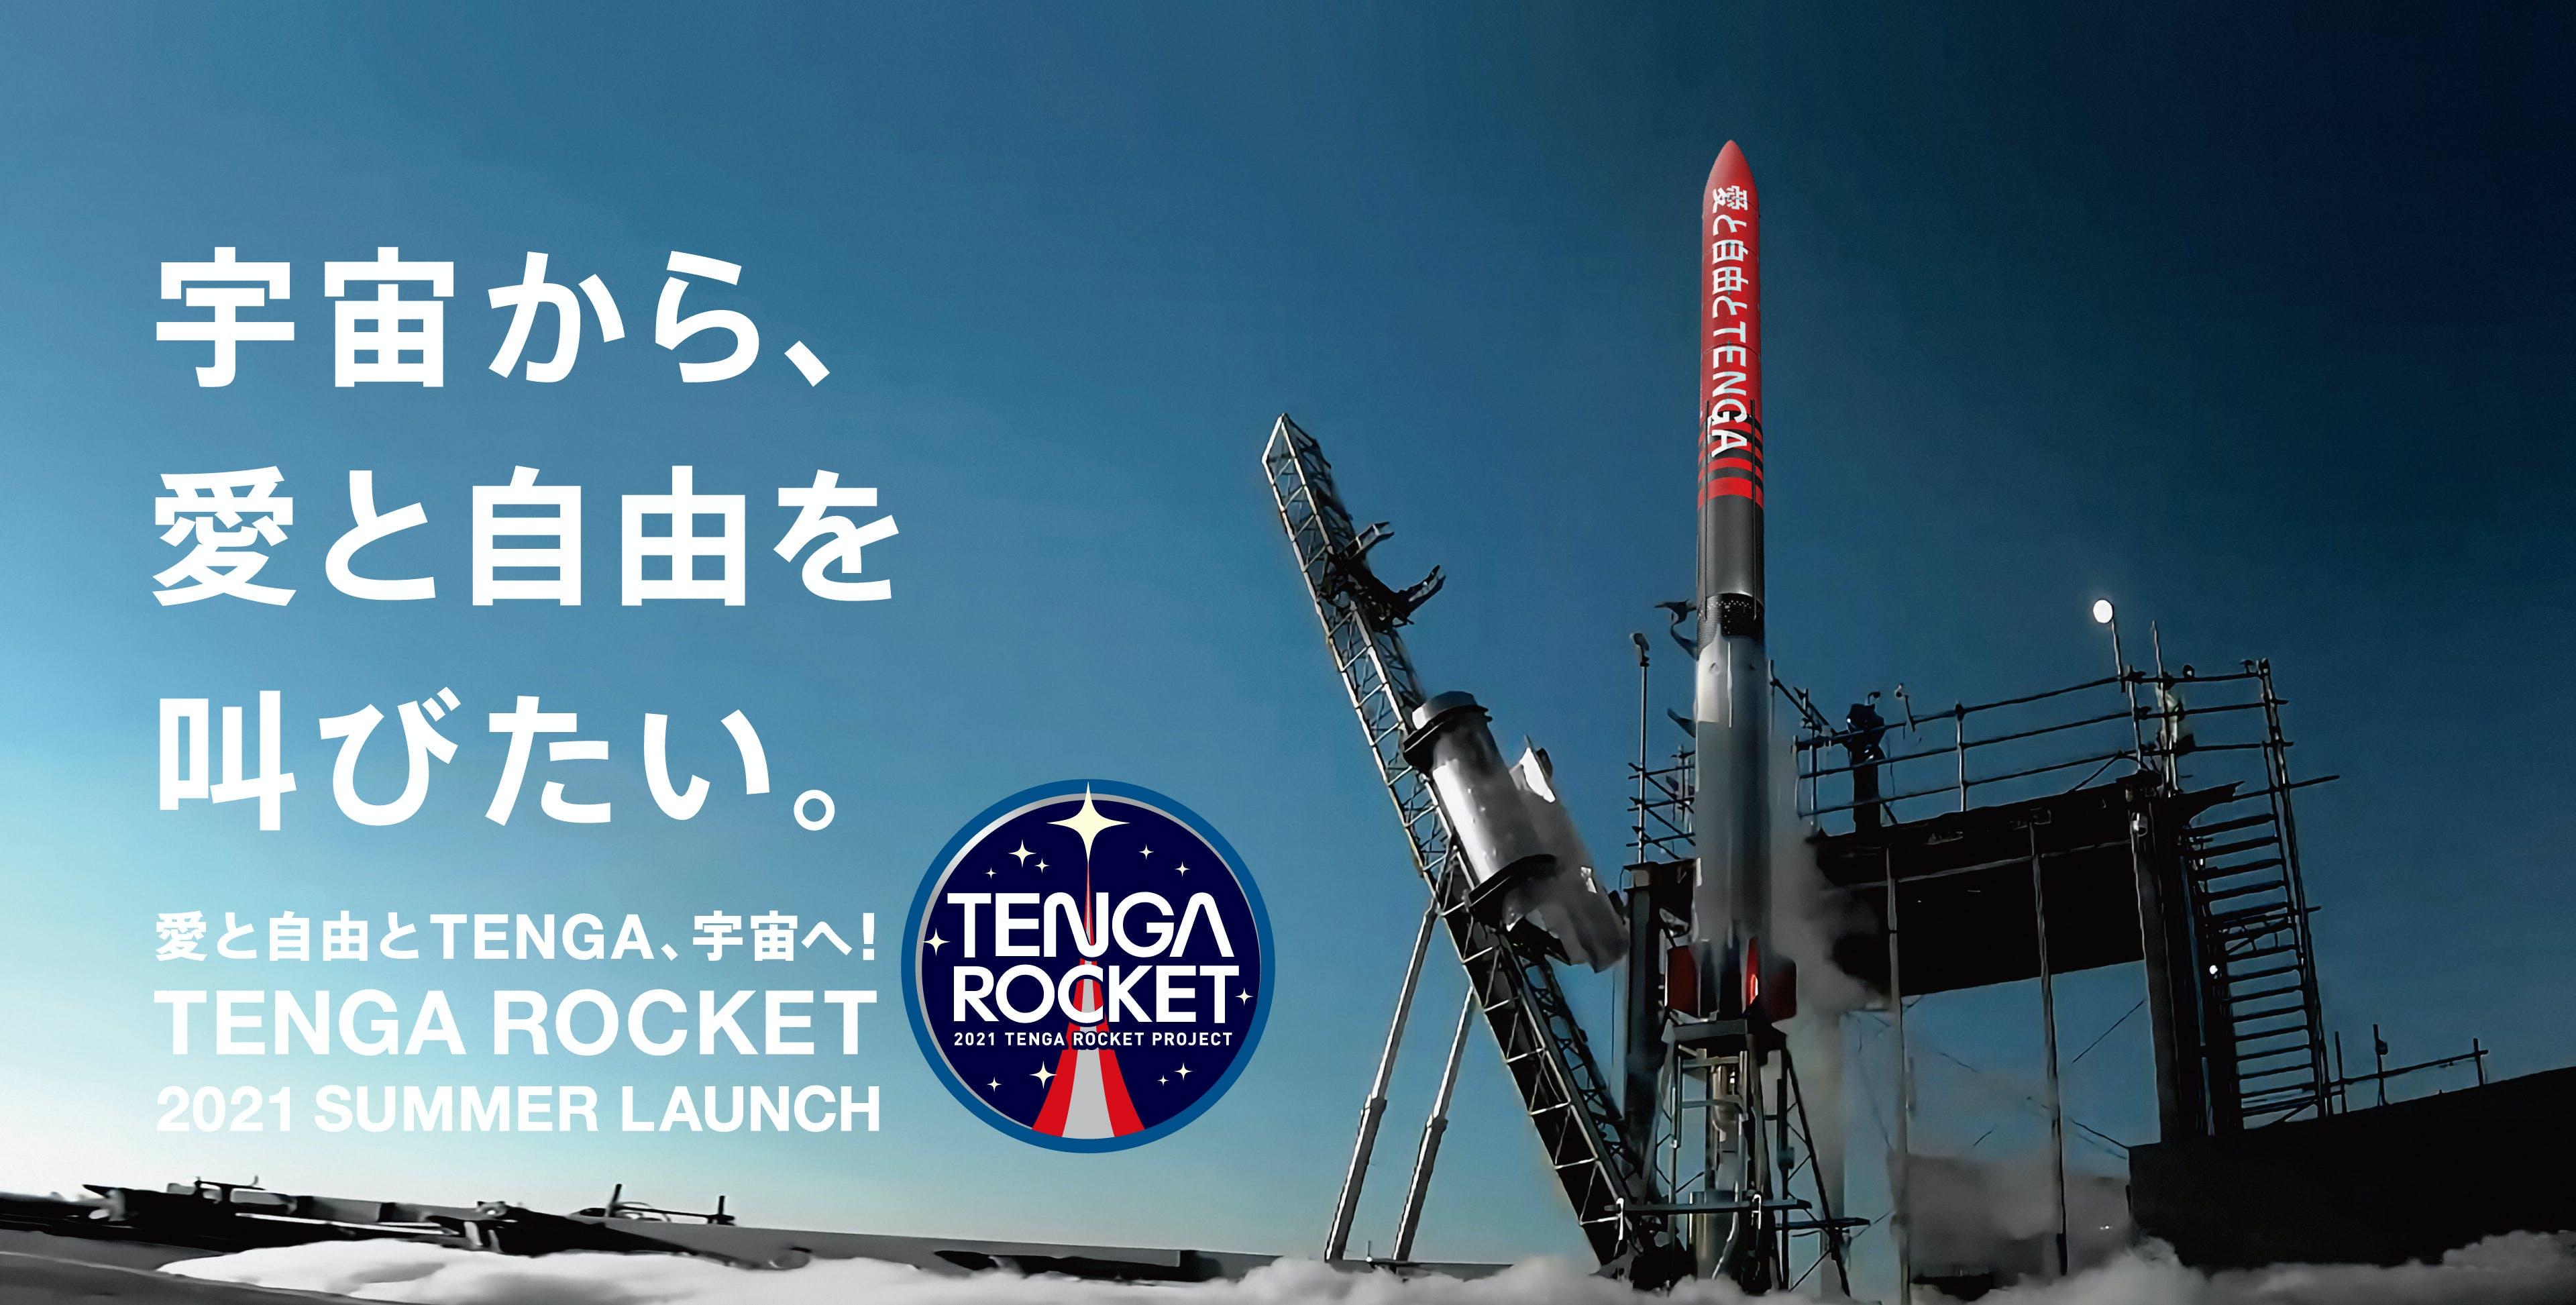 Tenga Rocket